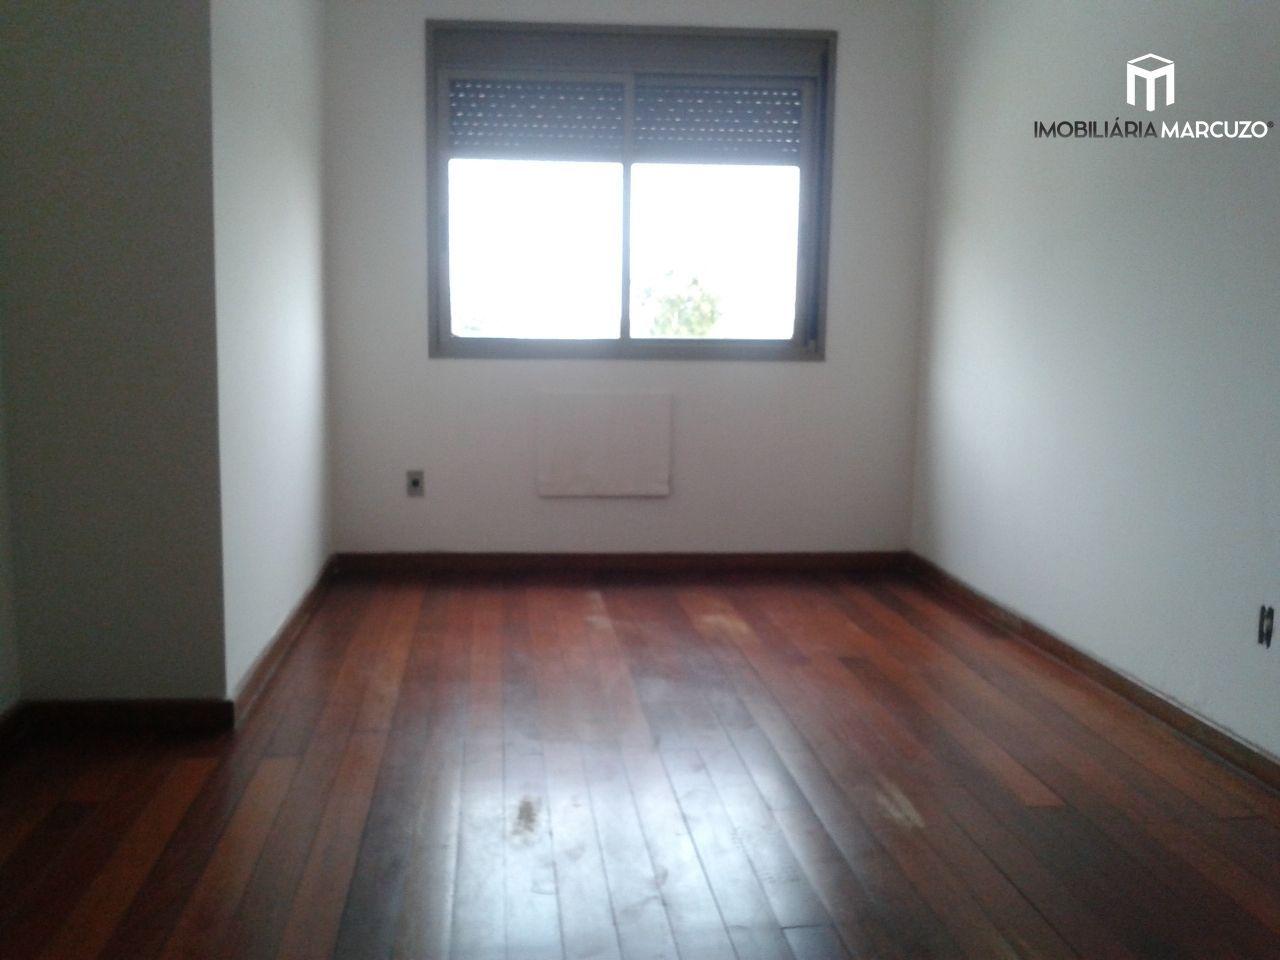 Apartamento com 3 Dormitórios à venda, 139 m² por R$ 460.000,00